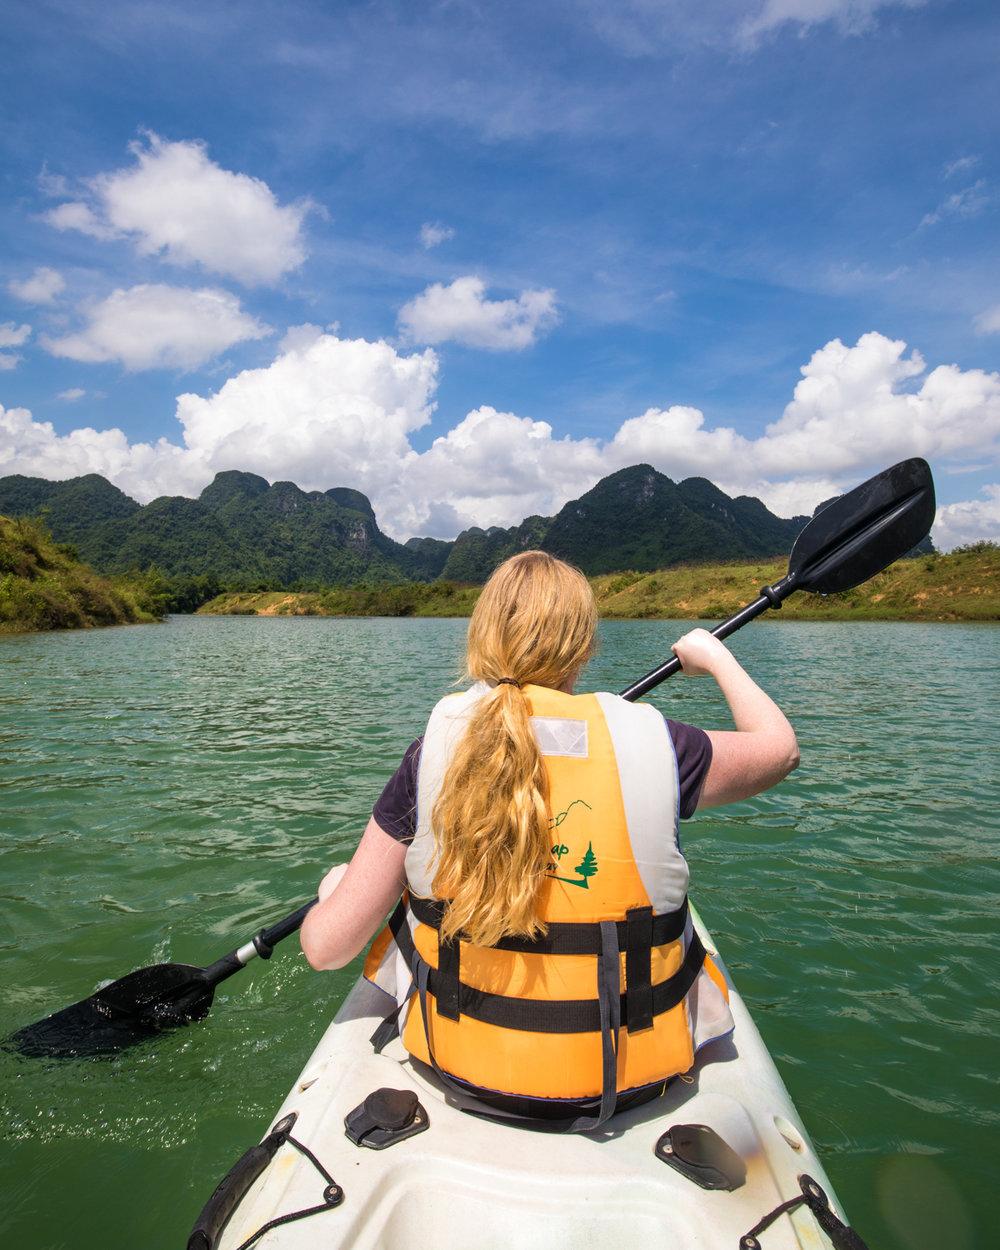 Things to do in Phong Nha - Kayaking